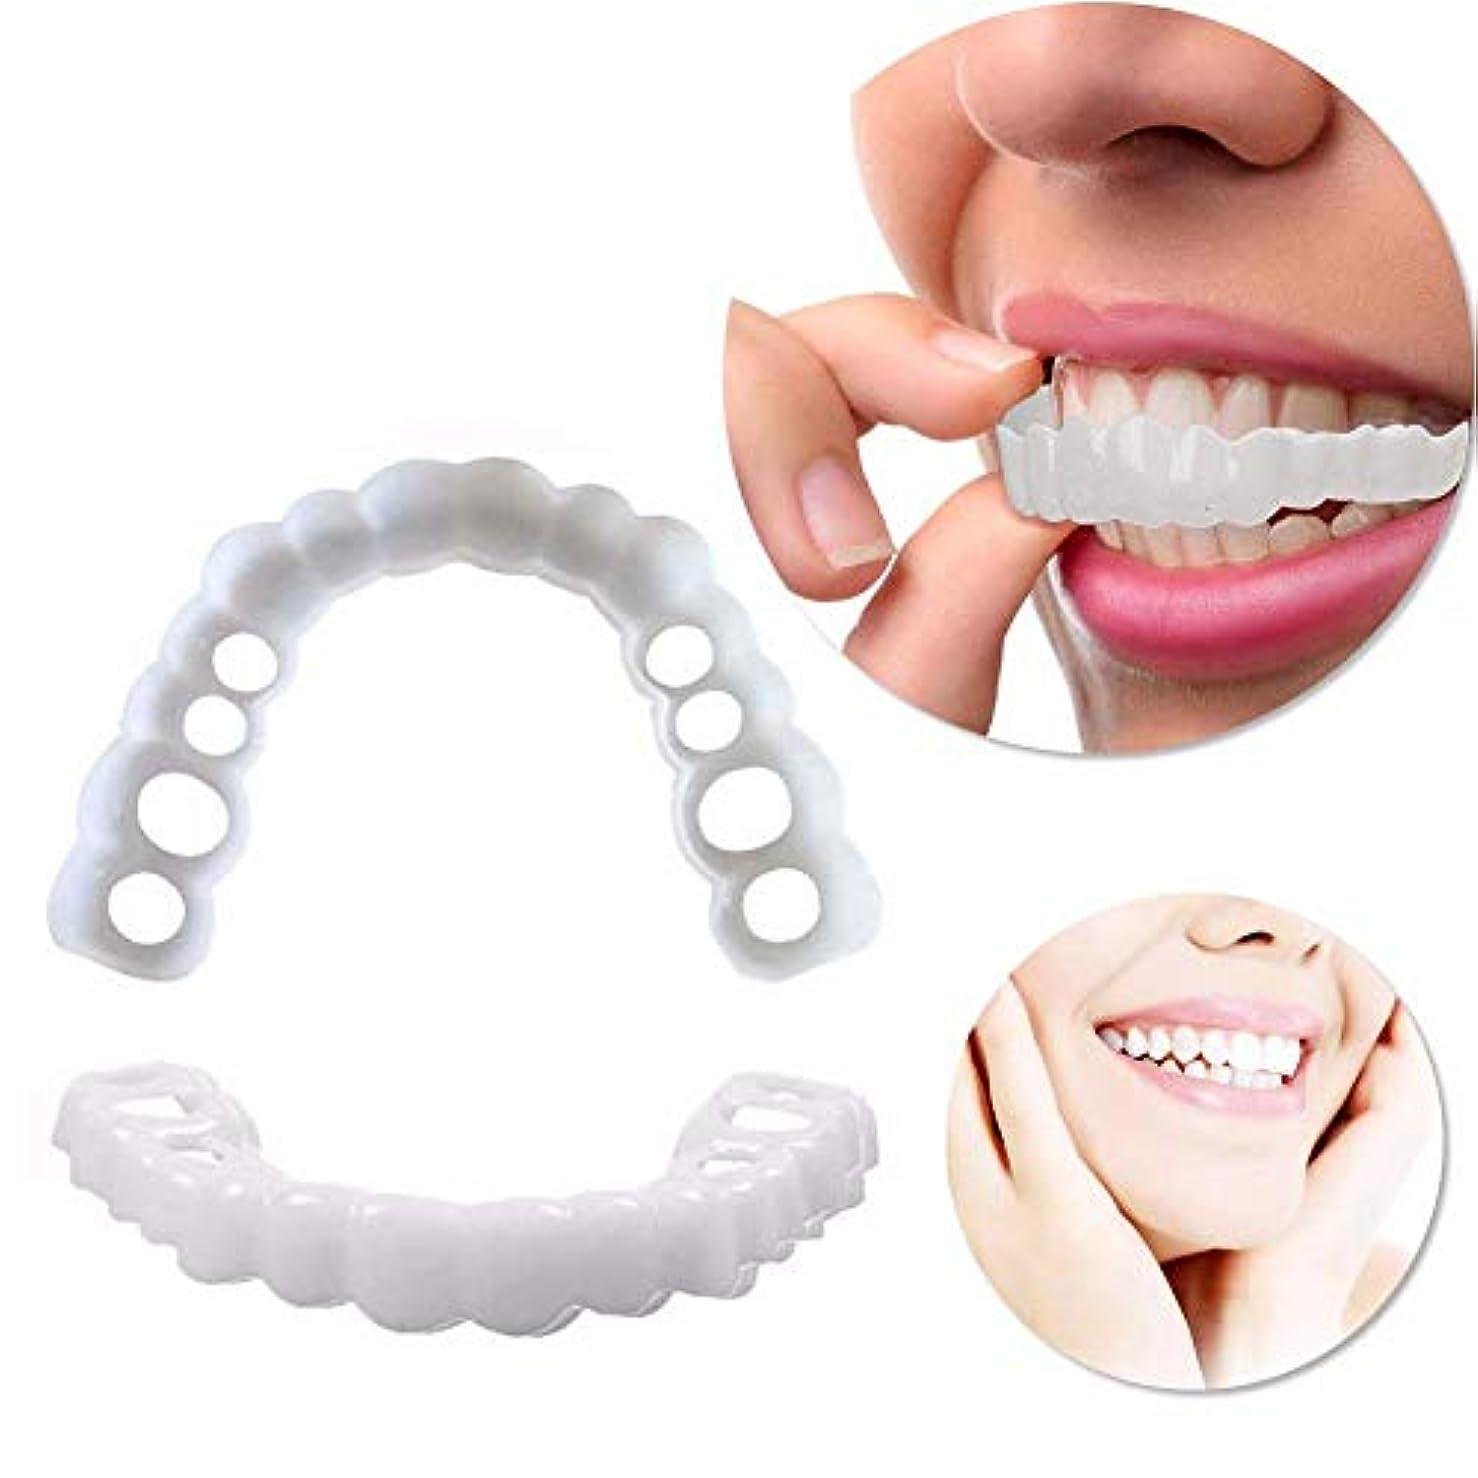 写真撮影誇張する墓義歯安全インスタントスマイル化粧品ノベルティ歯 - ワンサイズが一番フィット,6Pairs